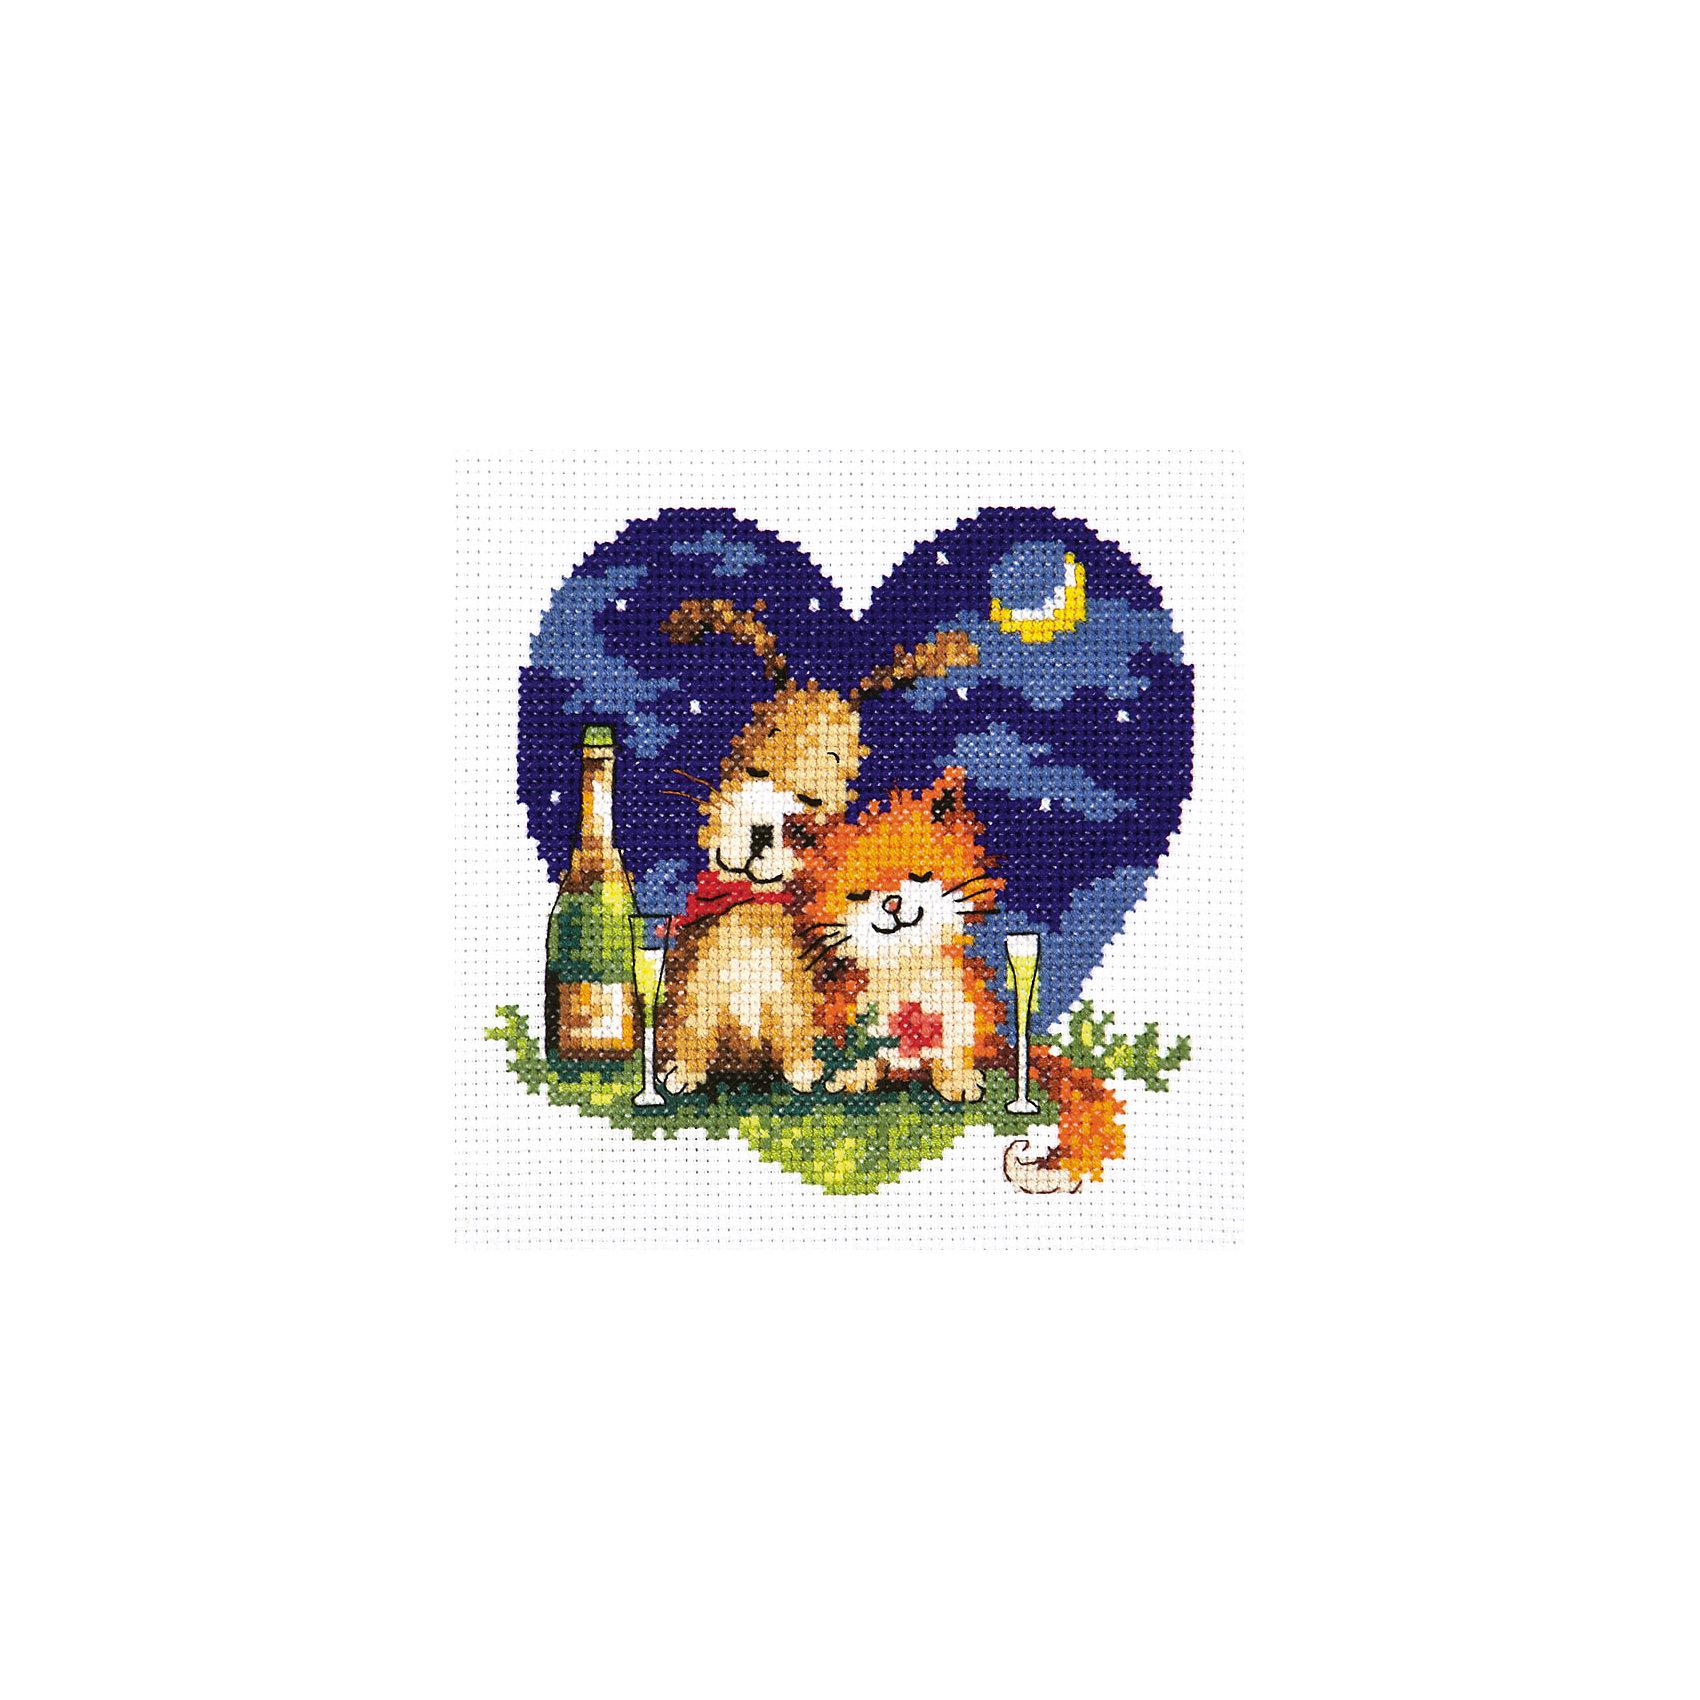 Чудесная игла Набор для вышивания крестом «Счастье быть рядом!» набор для вышивания крестом luca s дневной котенок 5 5 х 10 см